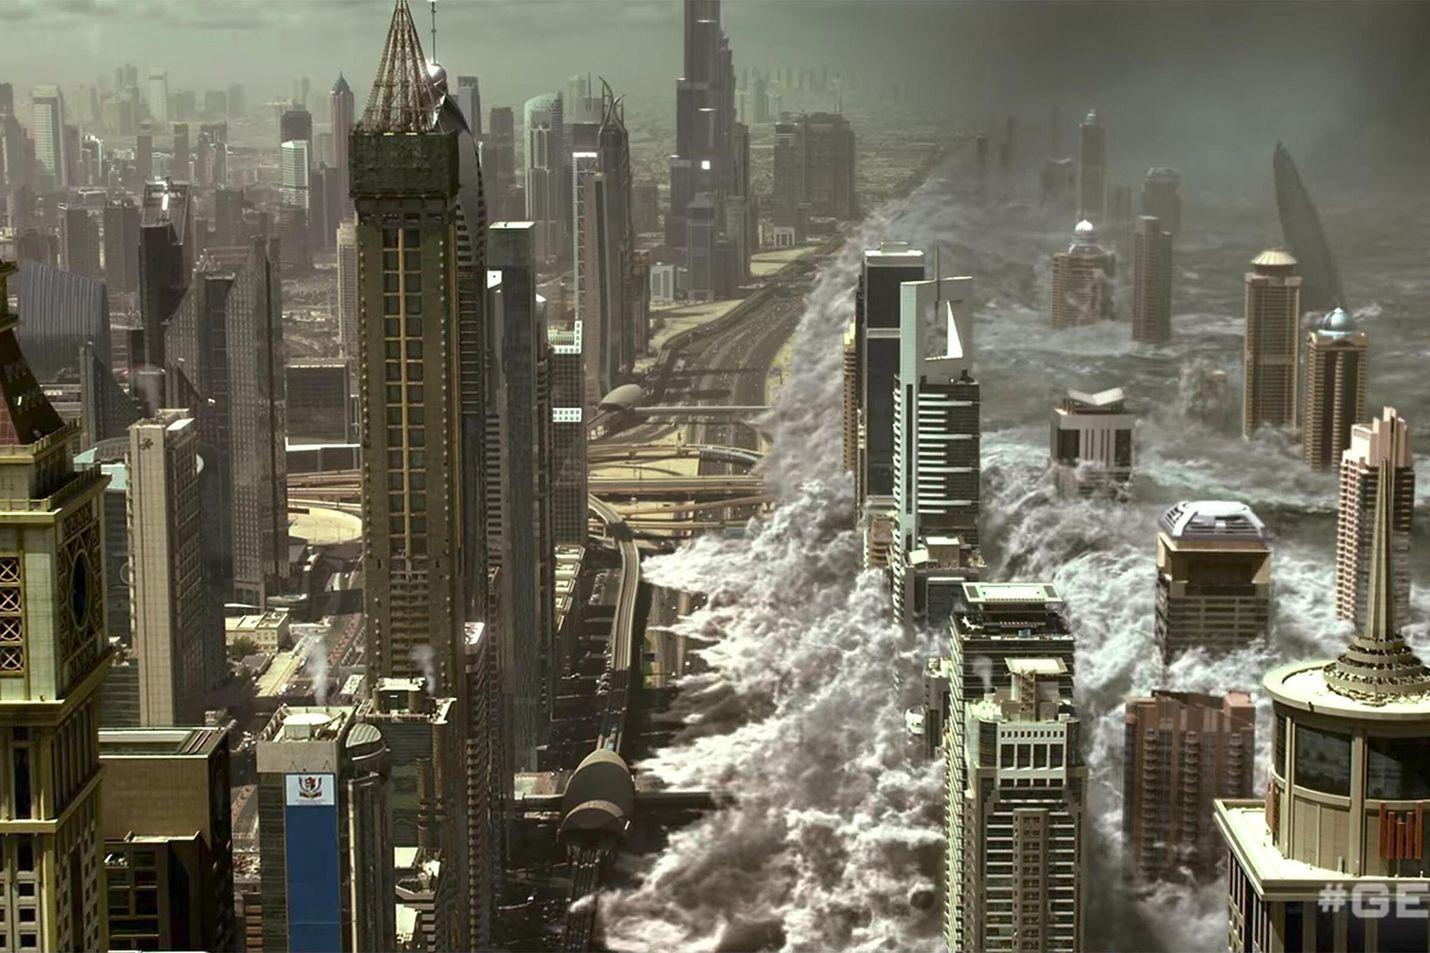 Maata suojeleva sääjärjestelmä on joutumassa vääriin käsiin Geostorm-elokuvassa.